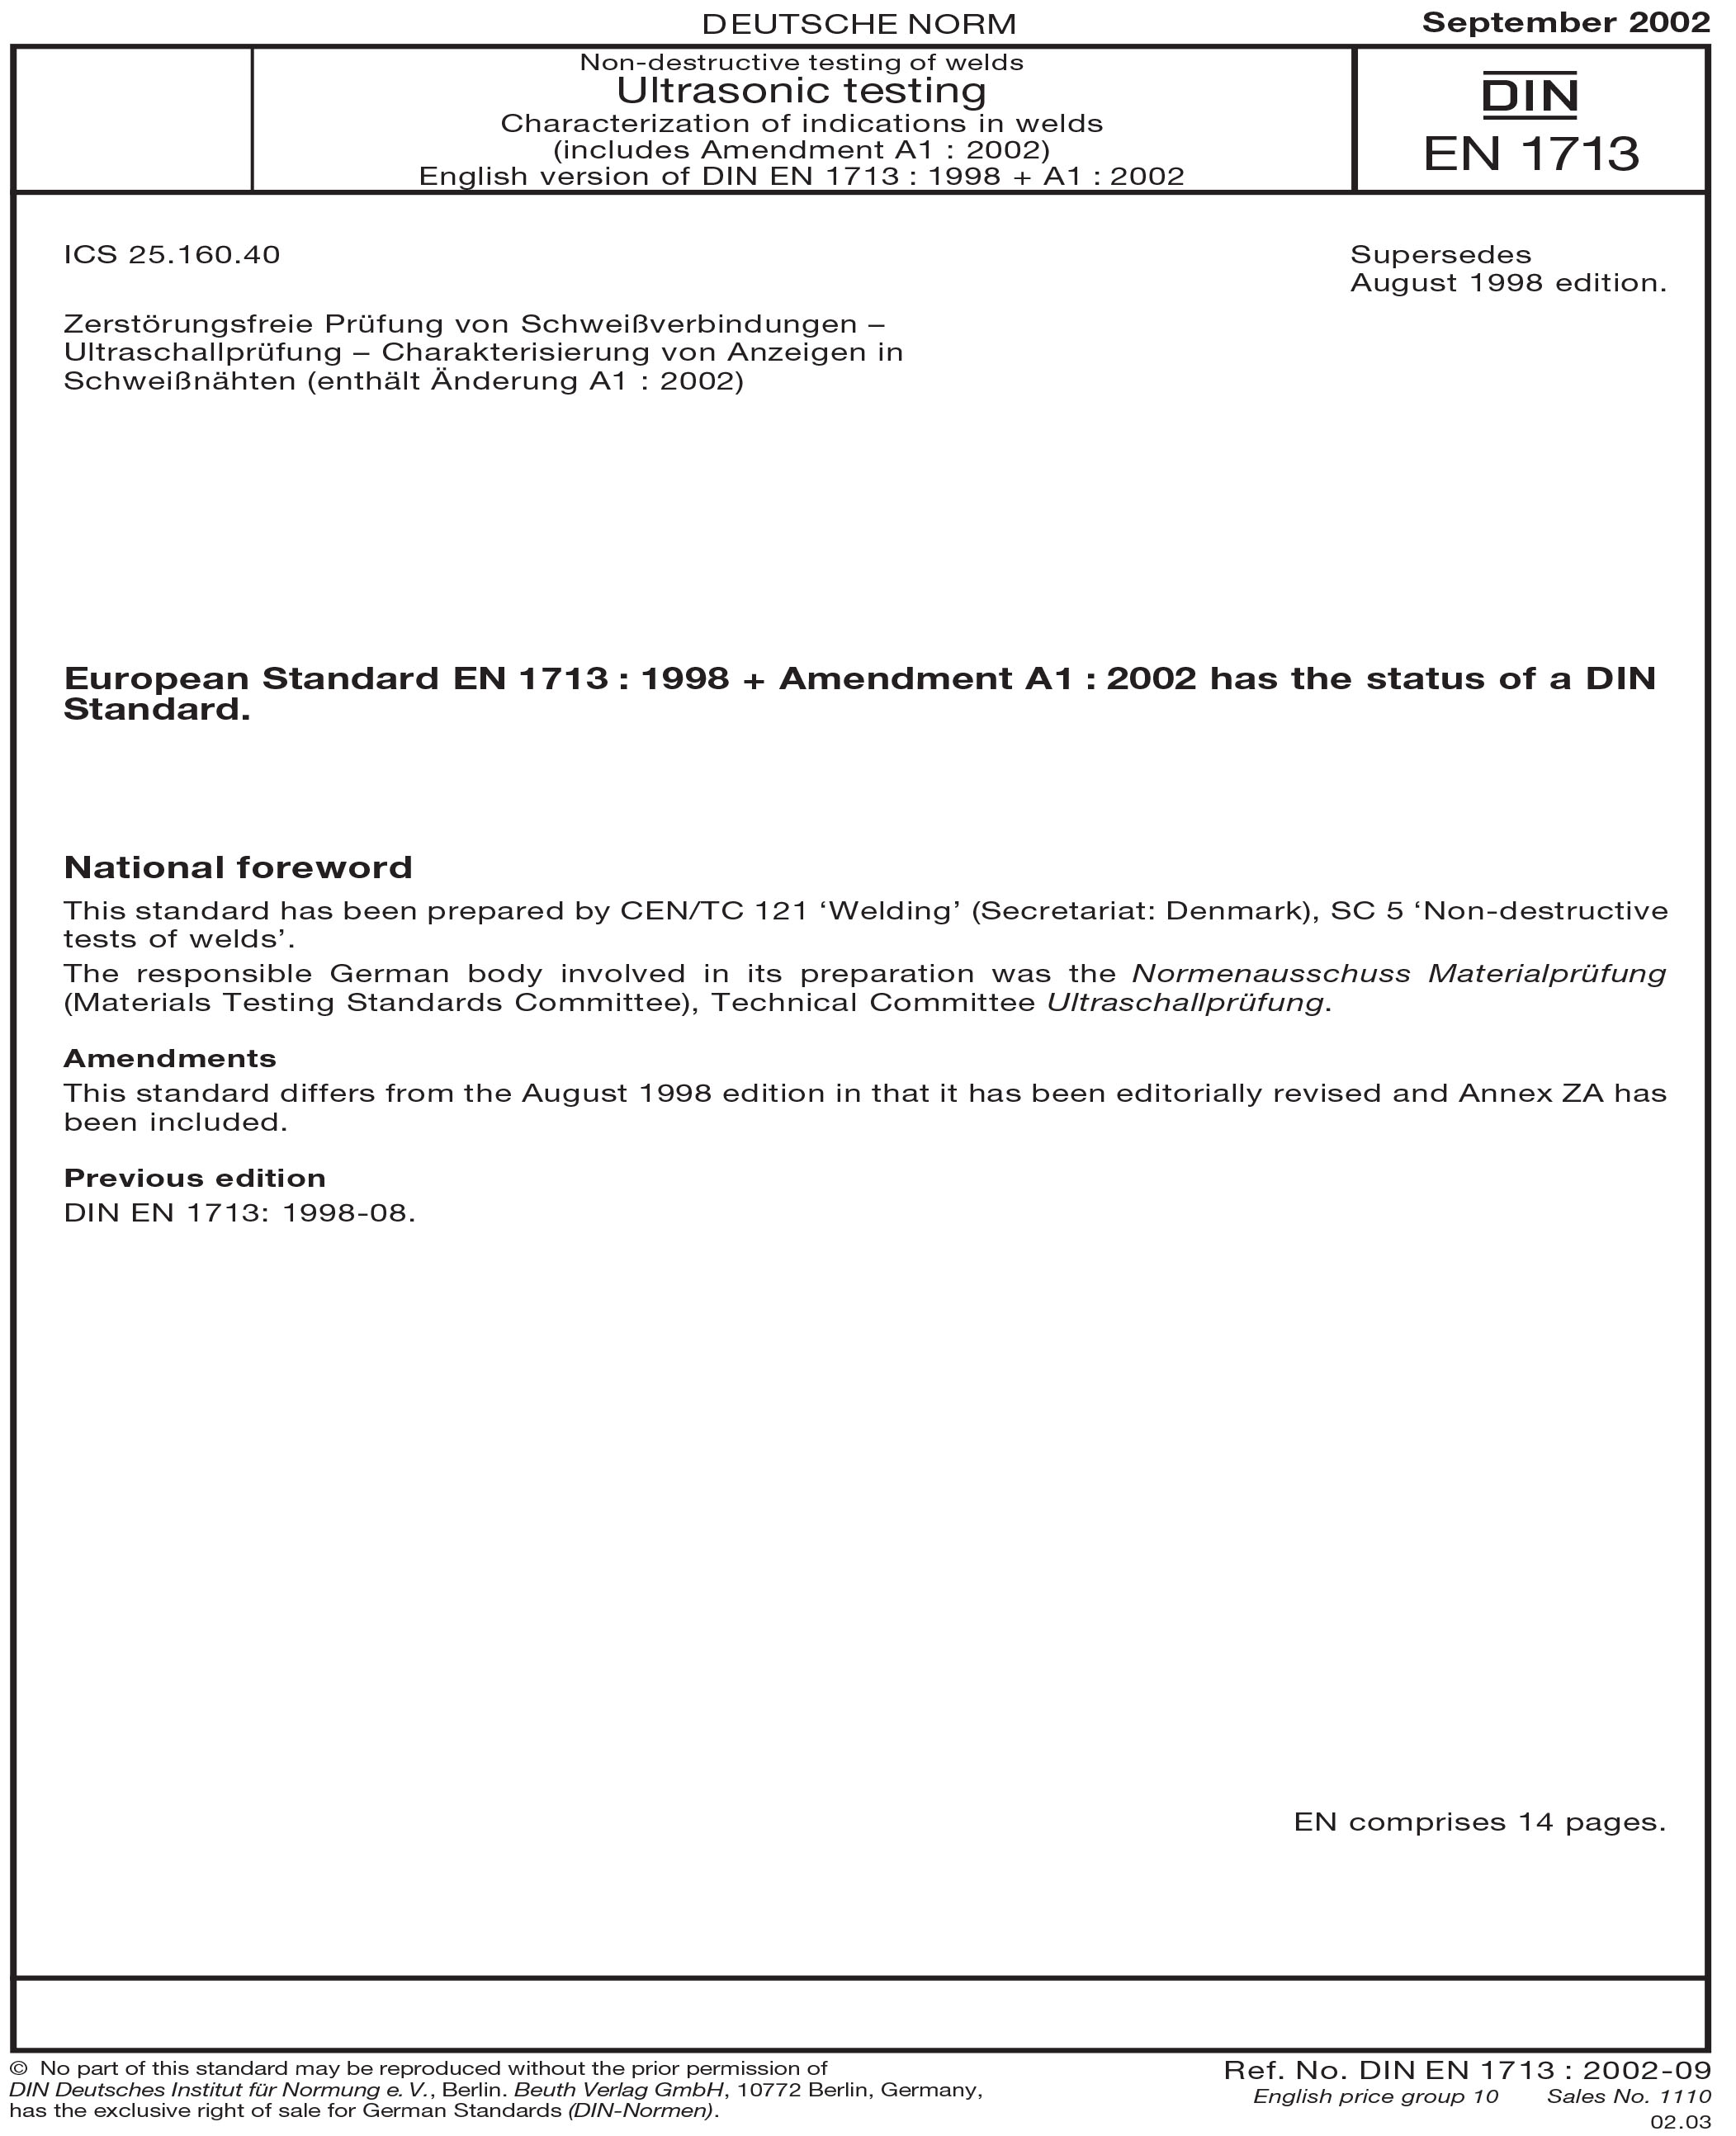 DIN EN 1713:2002